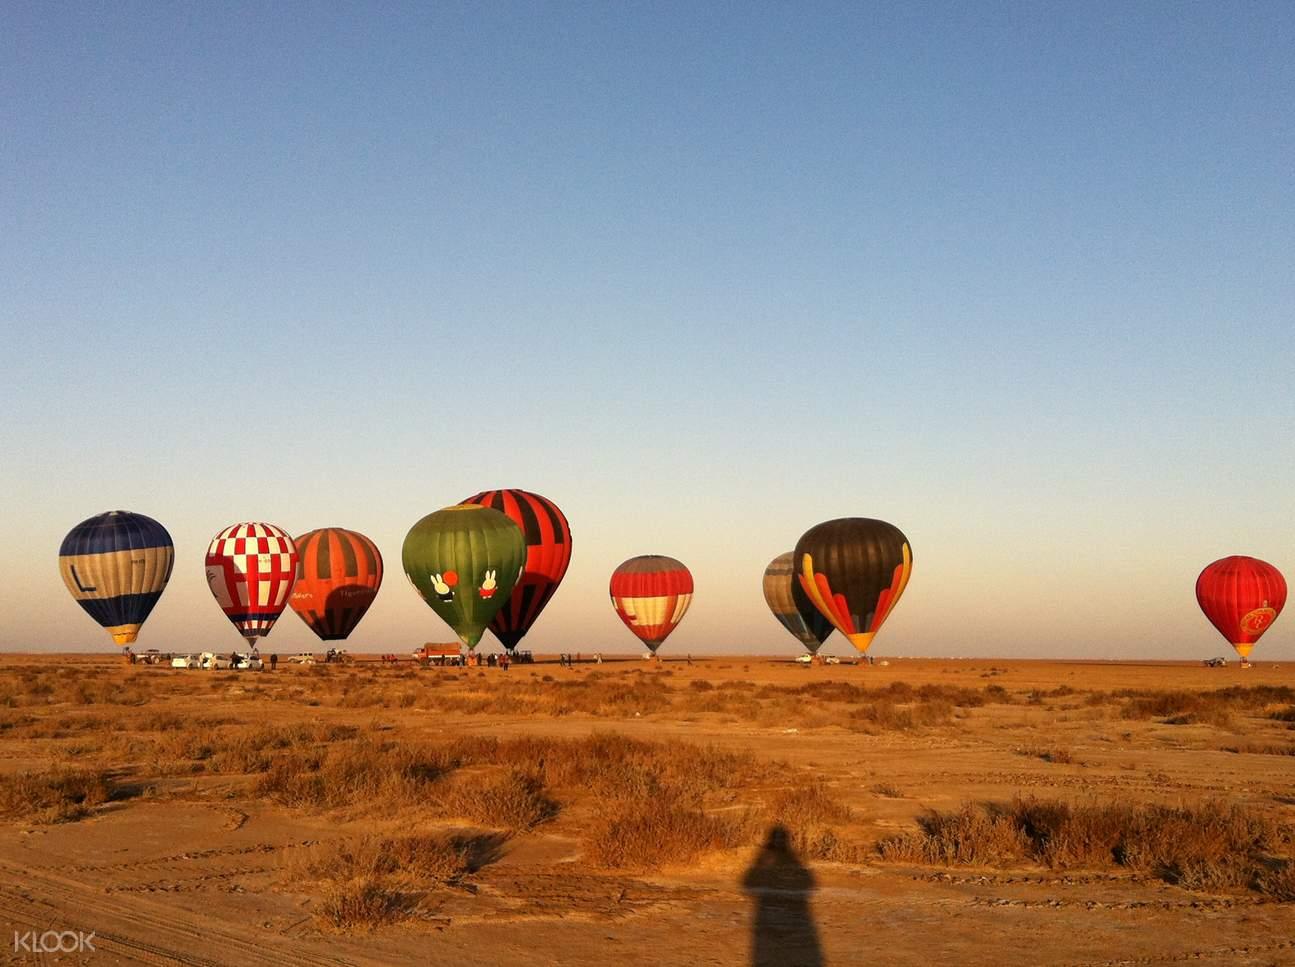 果阿热气球,印度热气球,果阿日出,果阿热气球飞行,果阿热气球日出